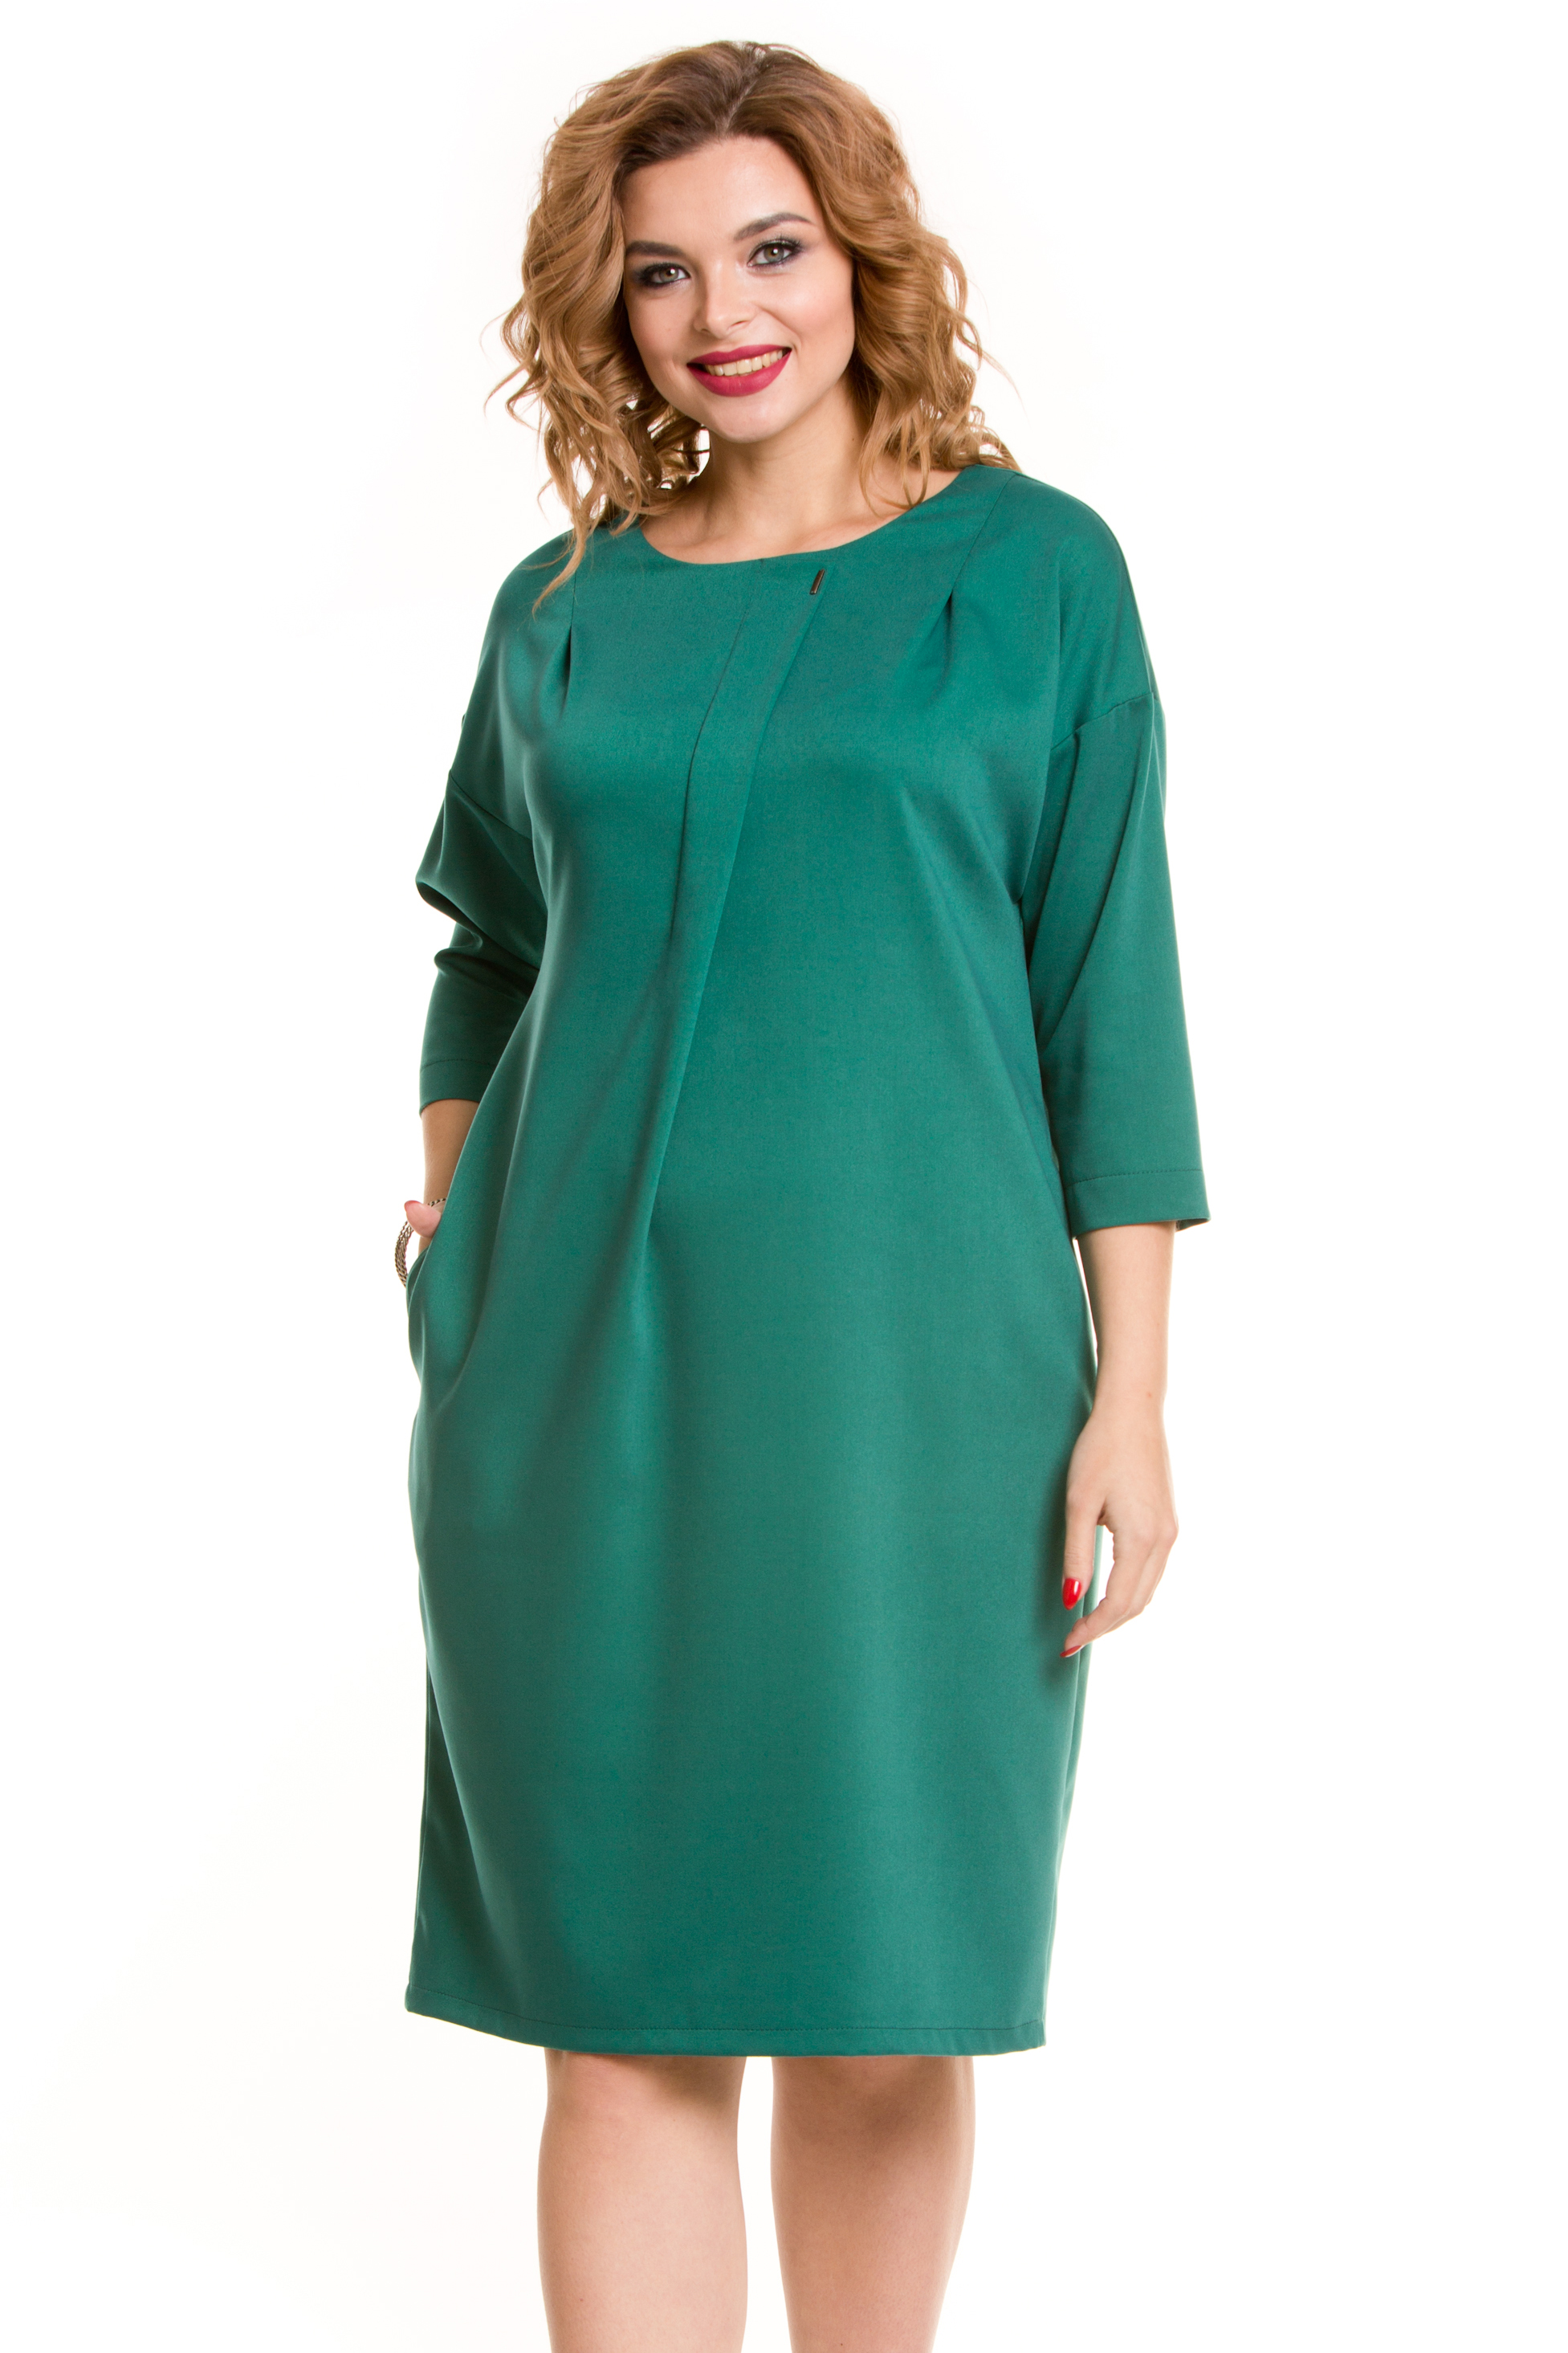 710580735ce8 Женская одежда оптом от производителя   Интернет-магазин VENUSITA оптовая  продажа женской одежды по низким ценам